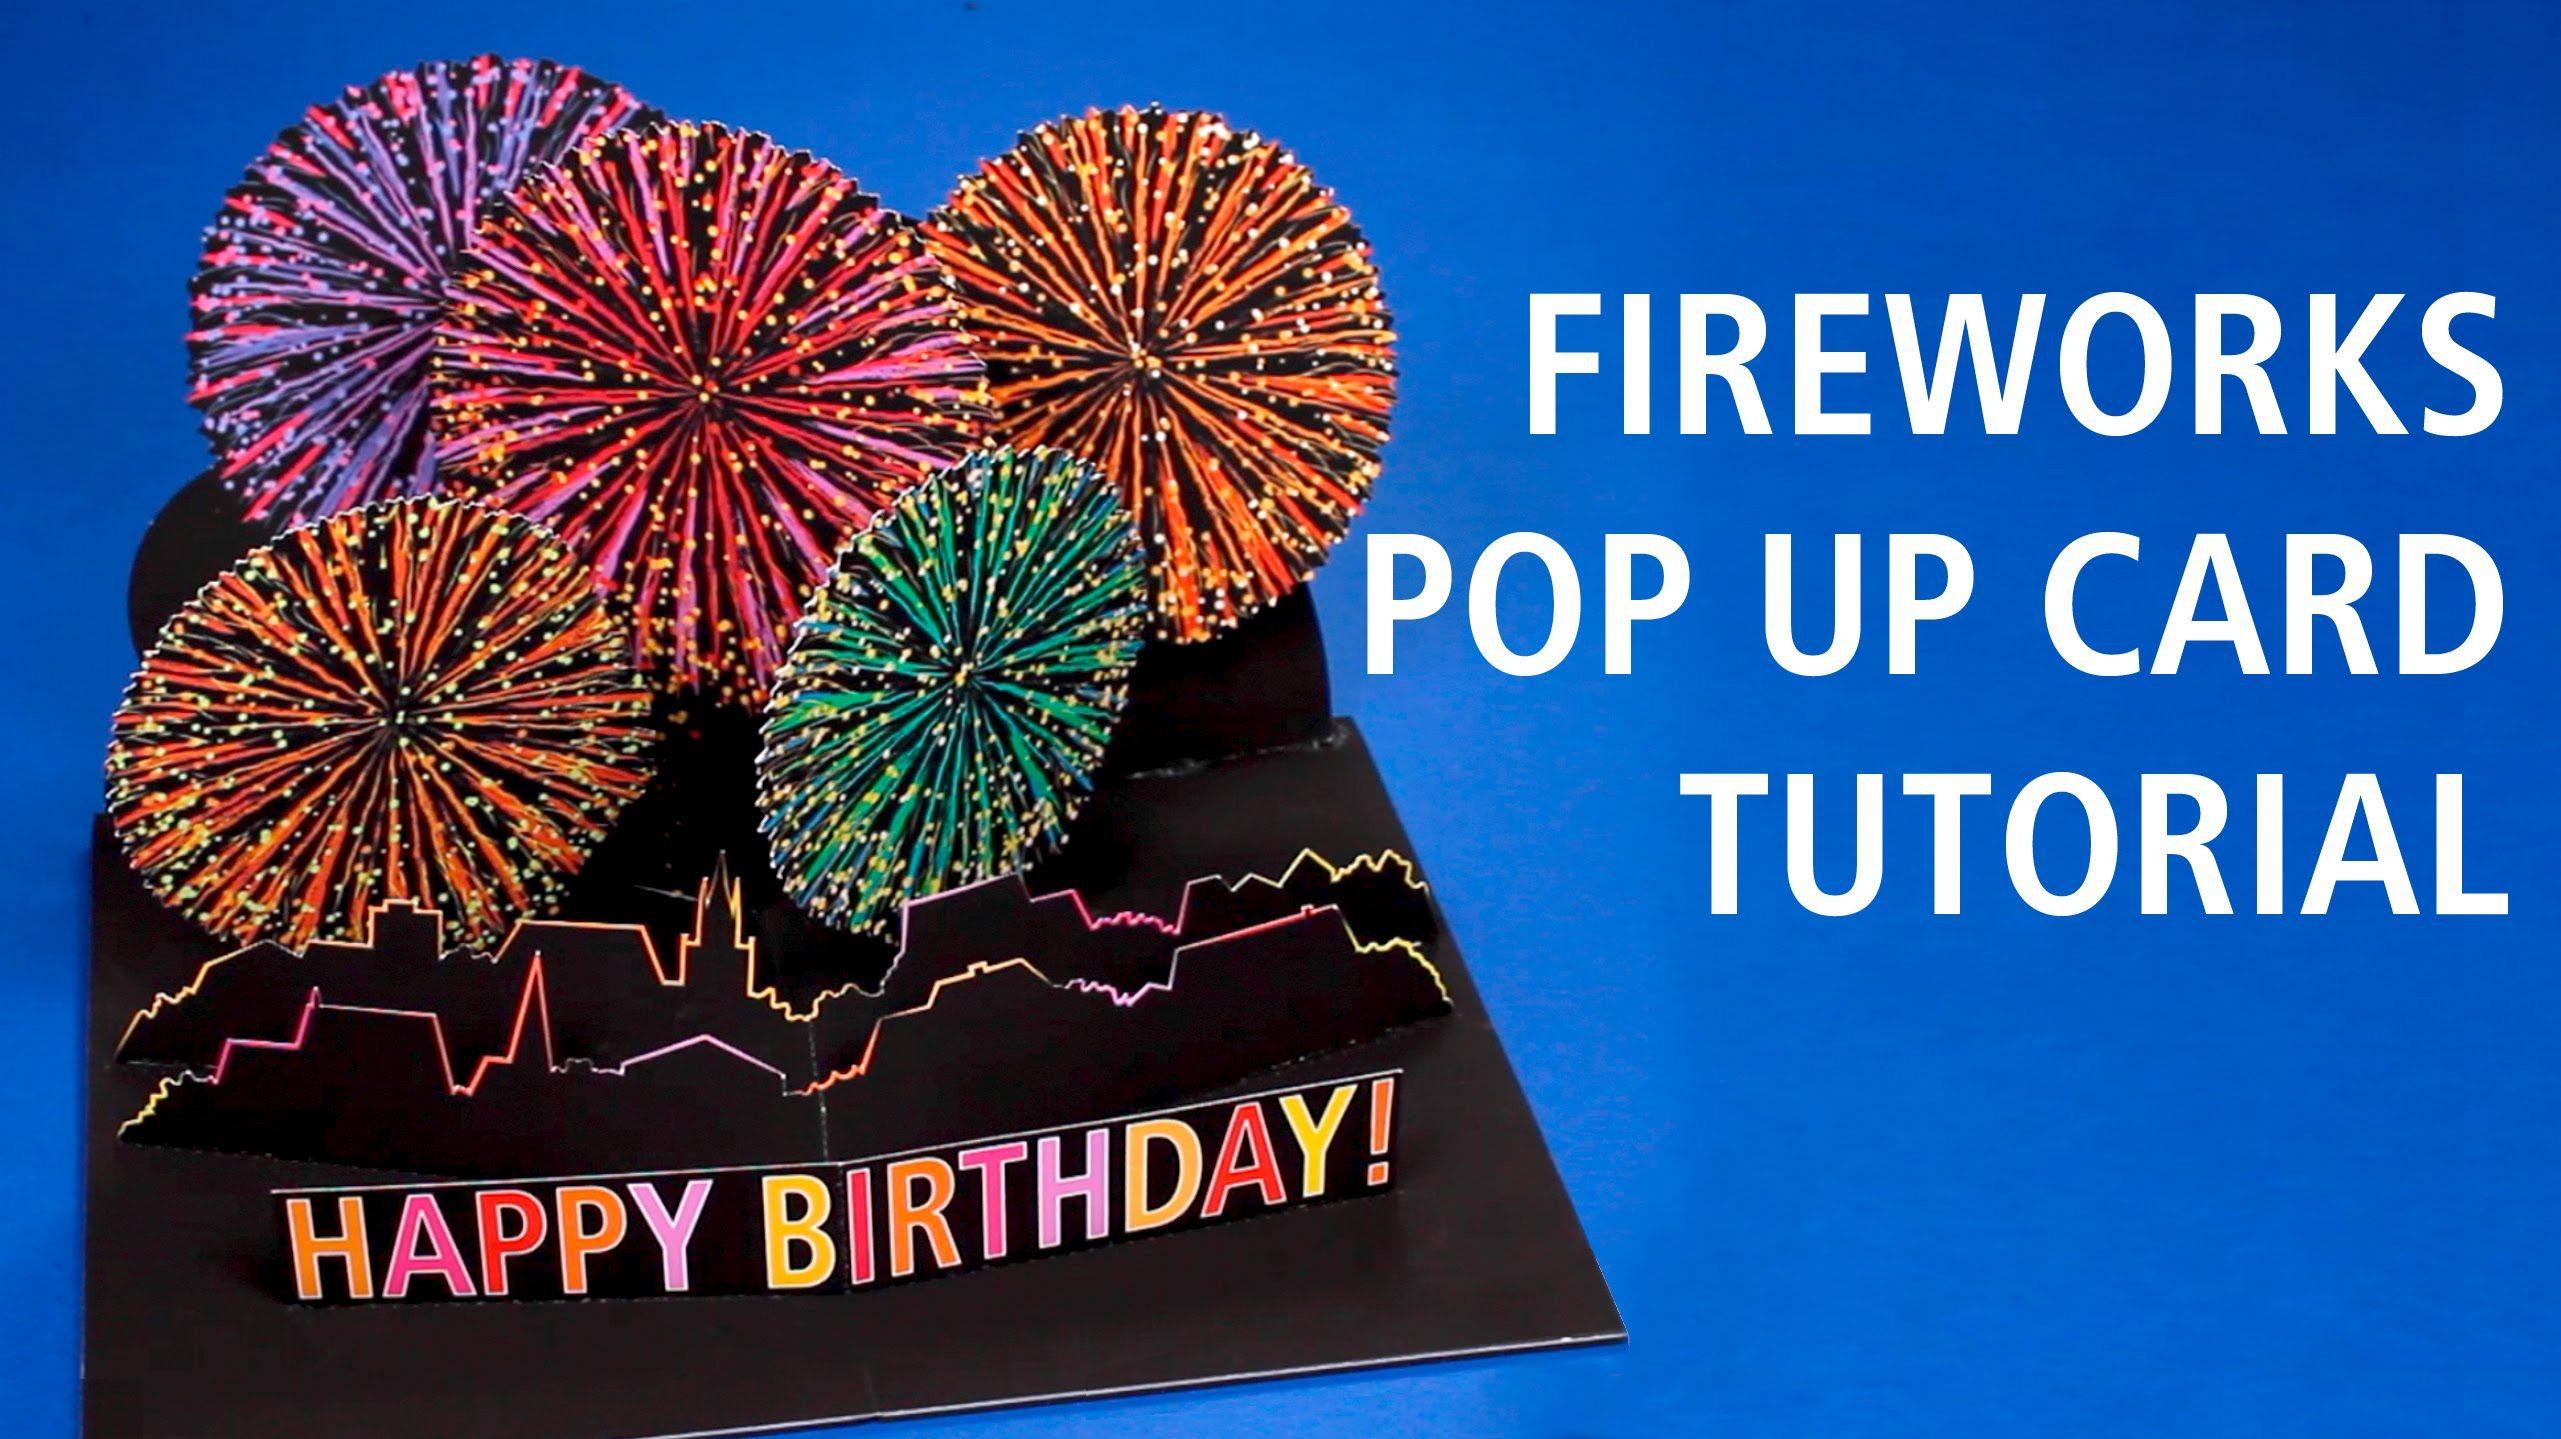 Download The Template For Free Http Peterdahmen De Pd Papierdesign Html Fireworks Http Peterdahmen De Fireworks Pop Up C Pop Up Cards Card Tutorial Pop Up